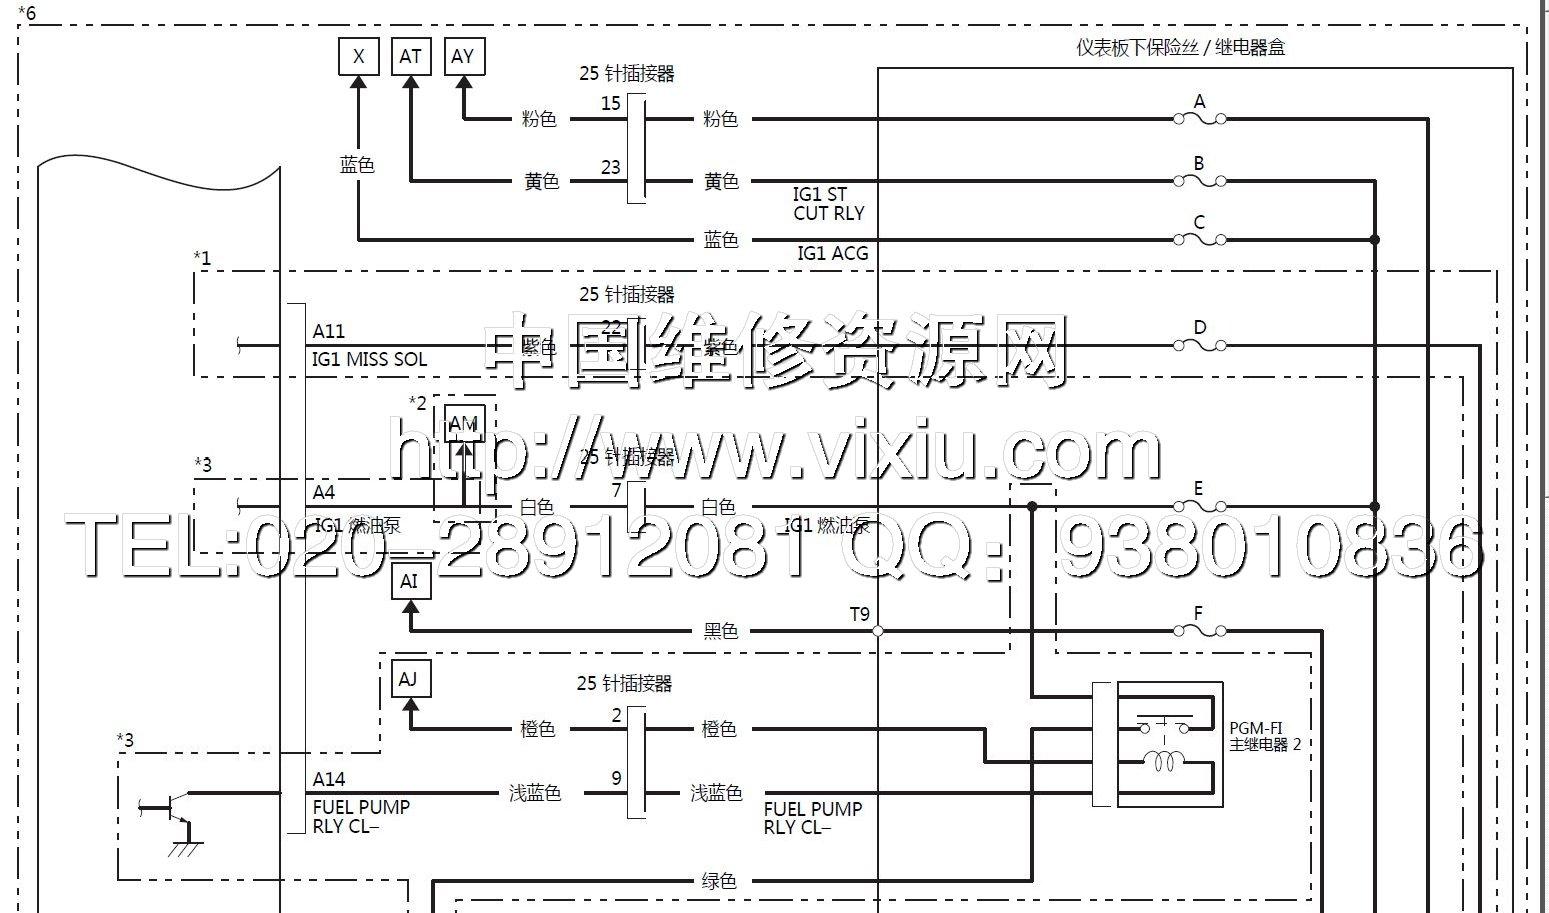 2014-2015款广州本田飞度三代fit3维修手册带电路图